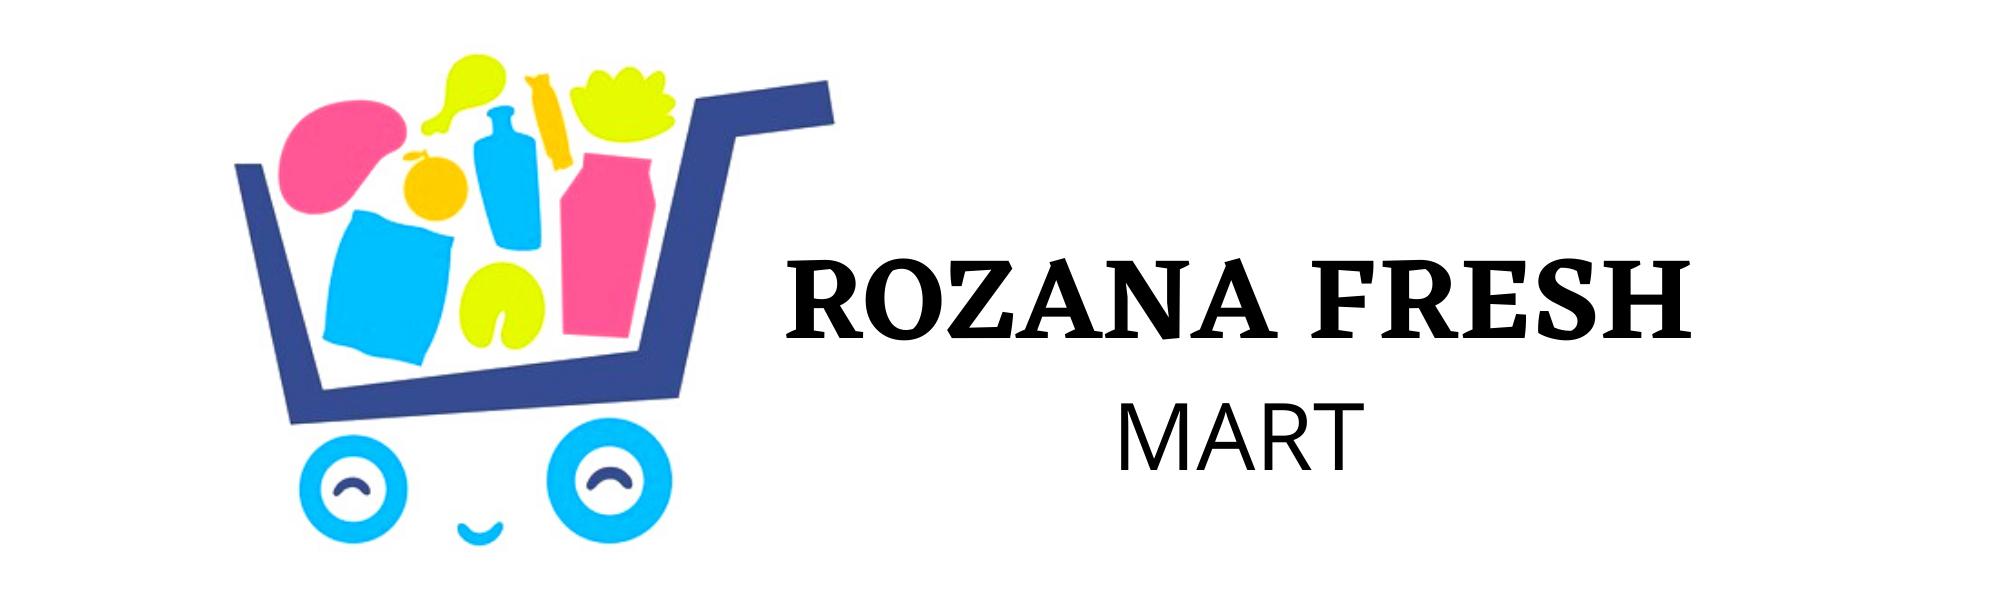 Rozana Fresh Mart